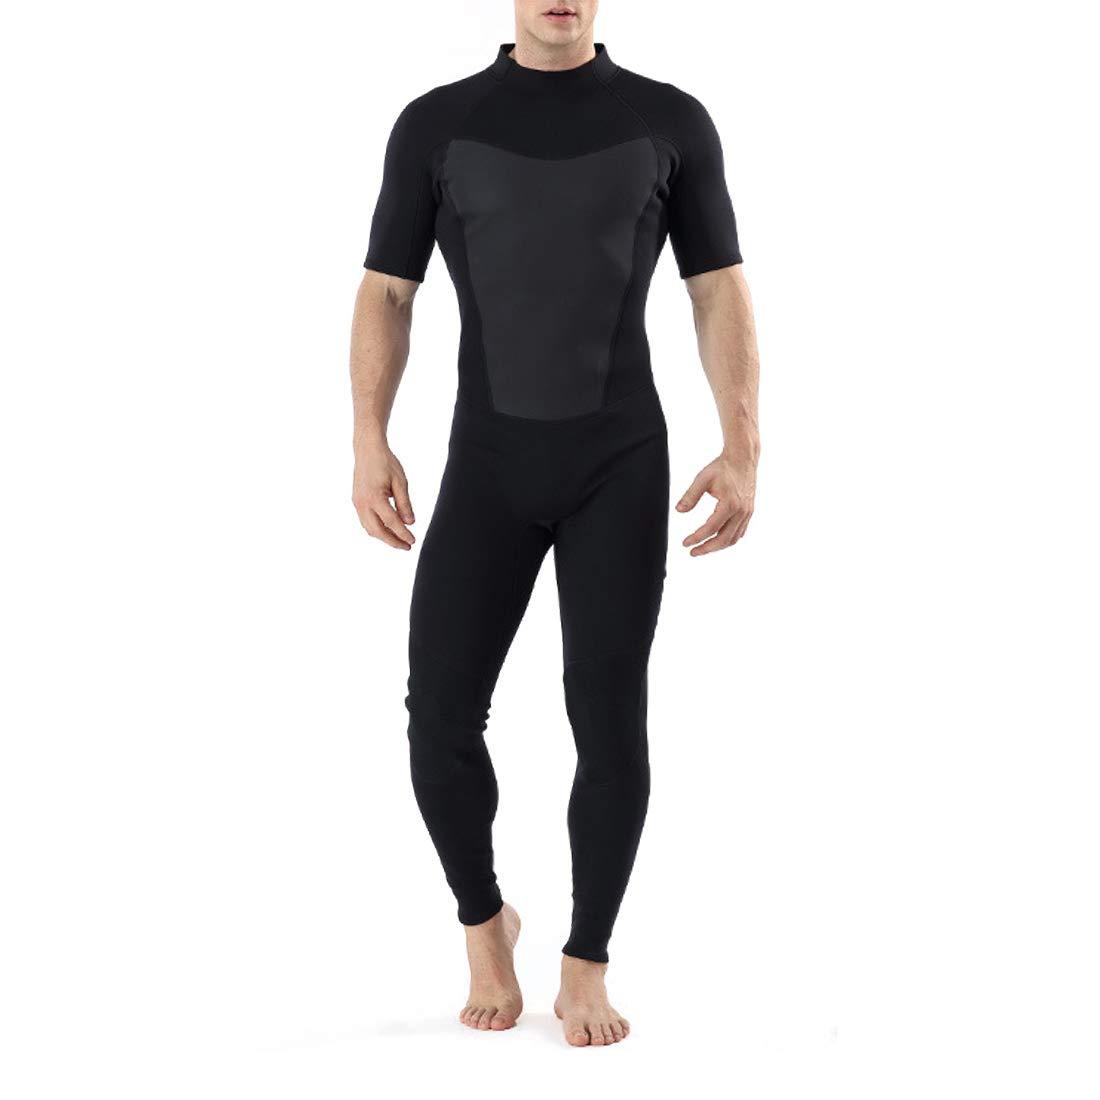 KERVINJESSIE ウェットスーツ メンズ 水着 ダイビング サーフィン 日焼け止め 吸汗速乾 ラッシュガード 涼しい 断熱 優れた半袖。 X-Large ブラック KERVINJESSIE B07G8L3HKH ブラック X-Large